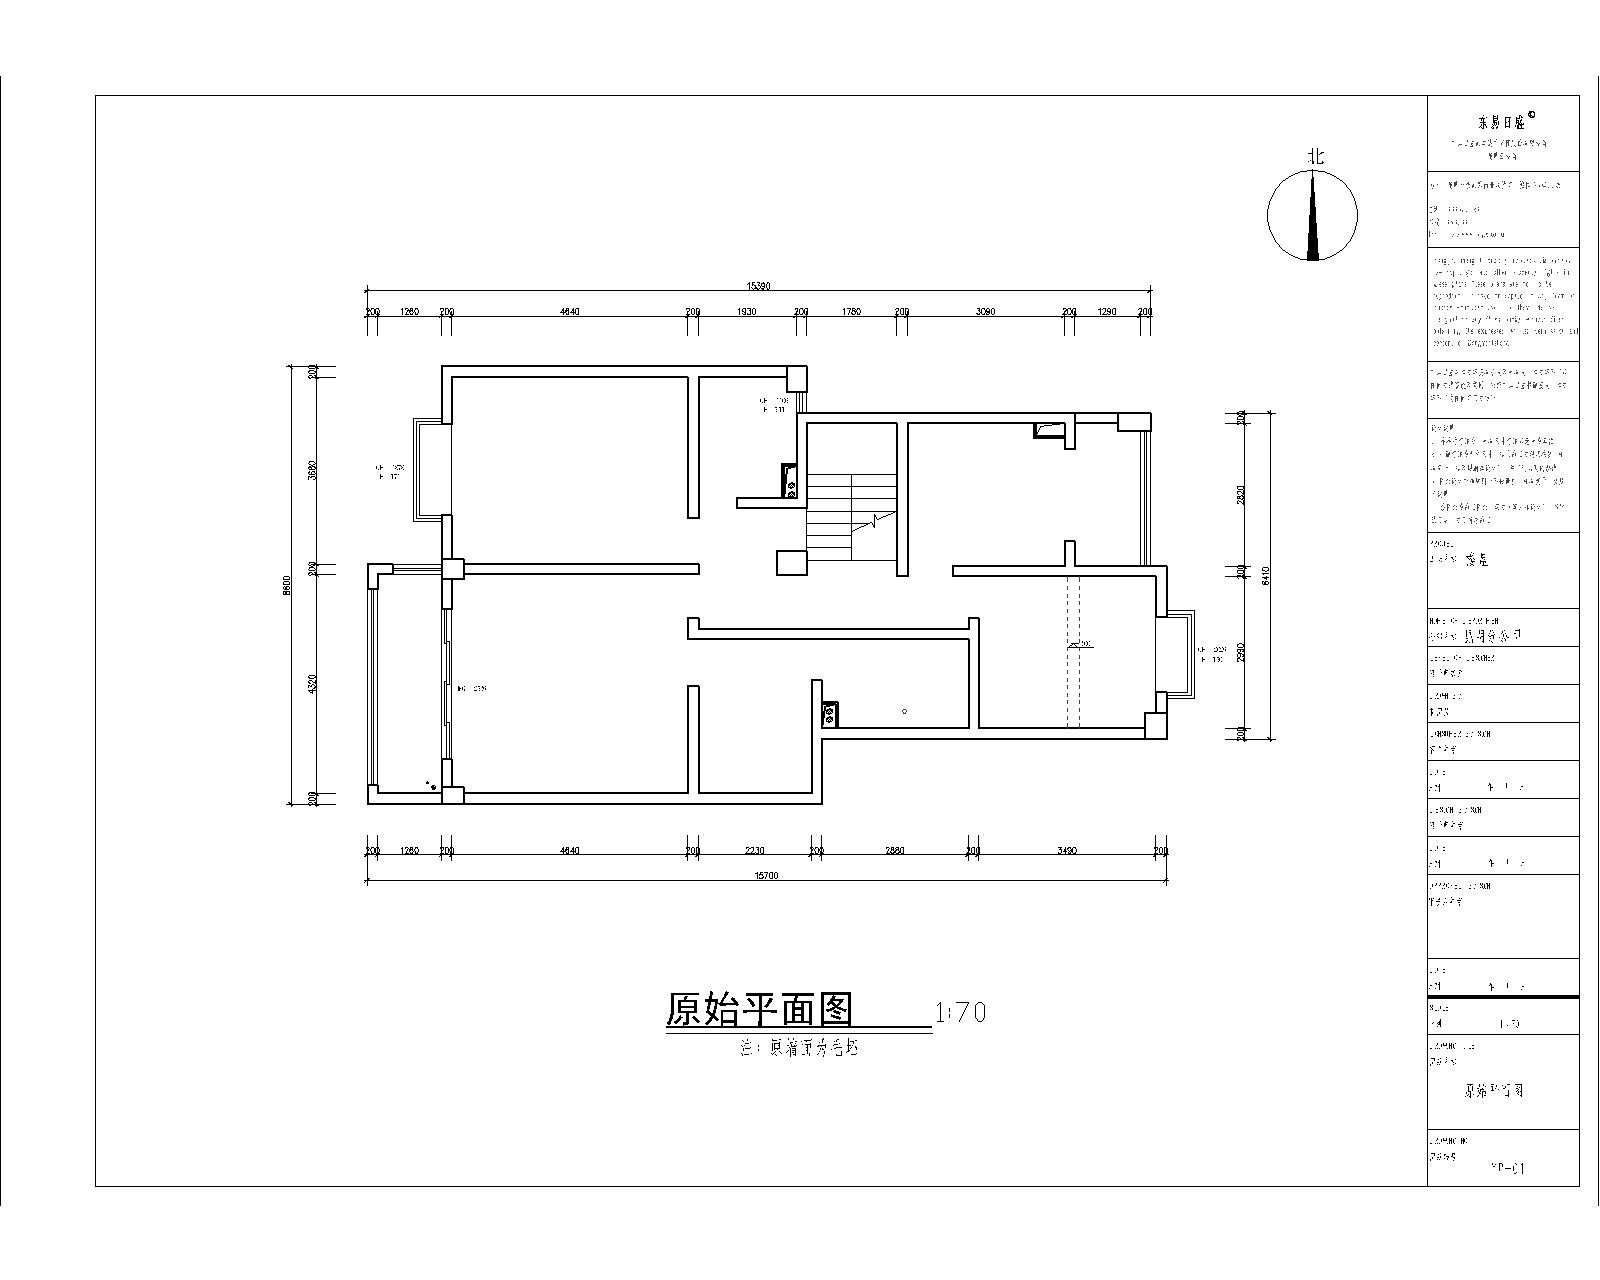 昆明沁园小区 210平米地中海风格案列装修效果图装修设计理念